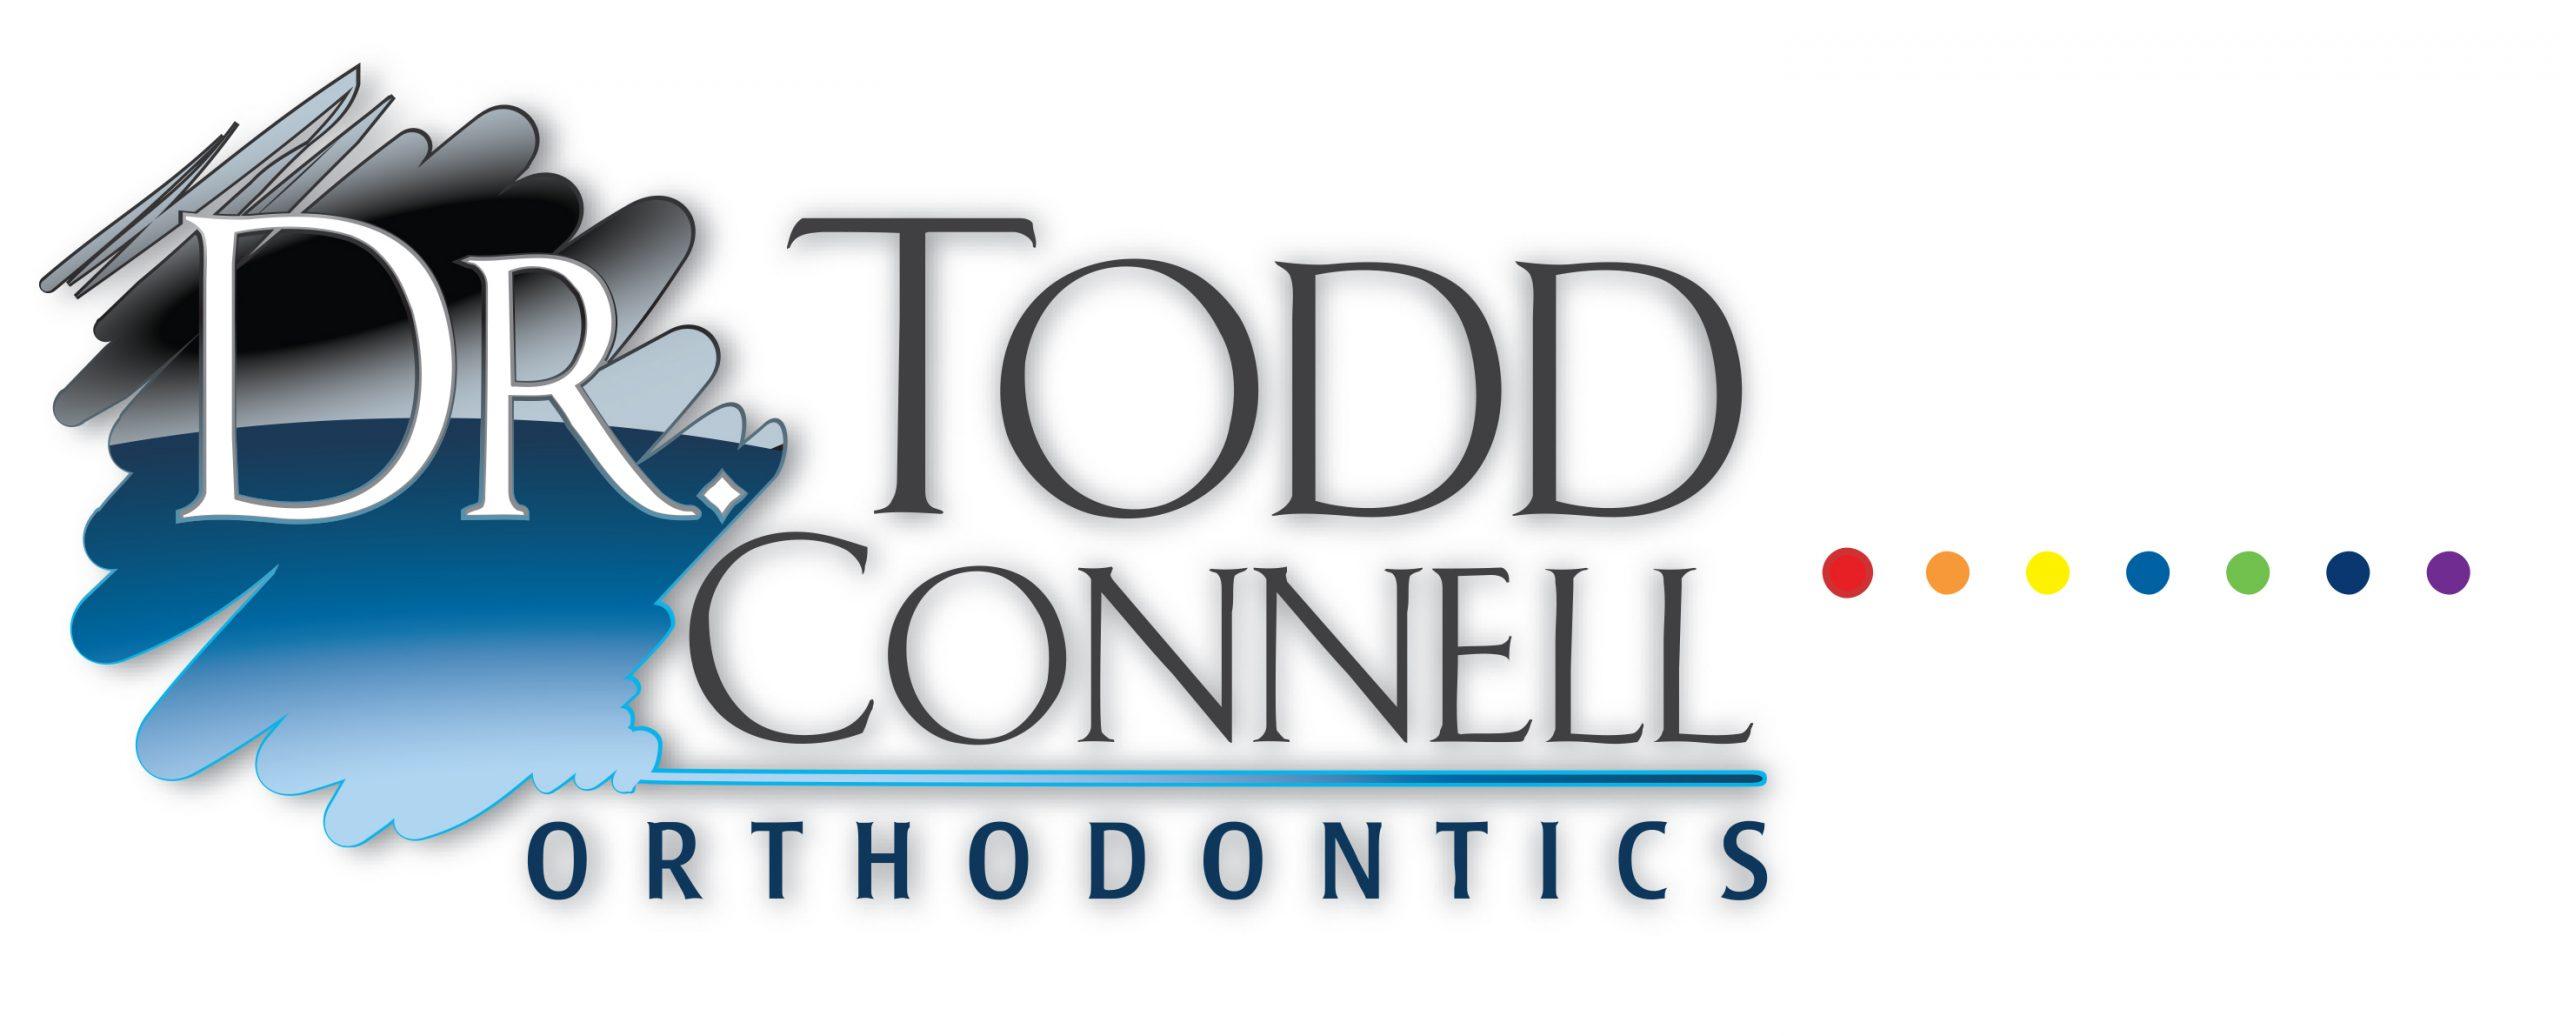 Brookfield Orthodontist, Oak Creek Orthodontist, Orthodontist, best orthodontists, braces,